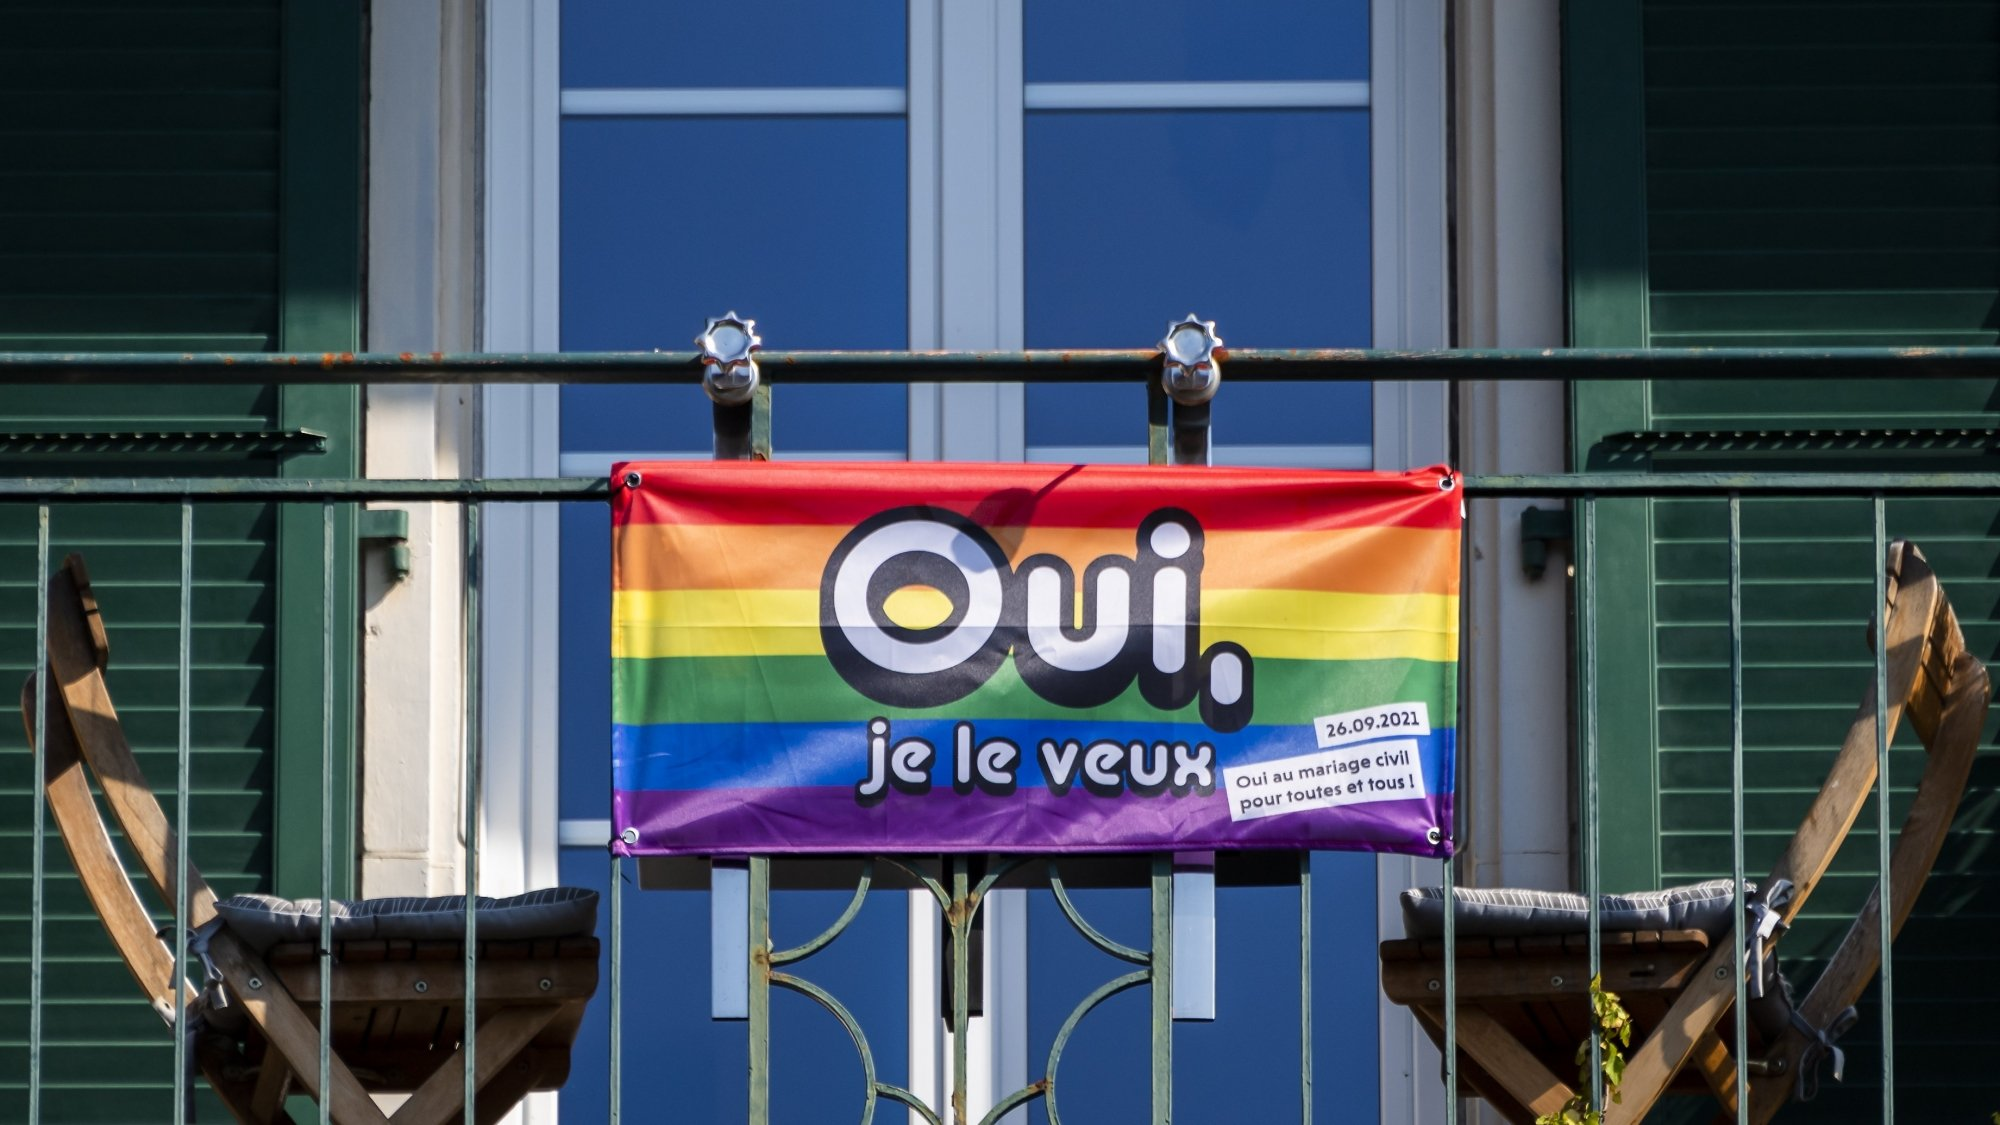 Les votations d'hier ont mis en évidence une reconnaissance légale des couples homosexuels à 64,1%.